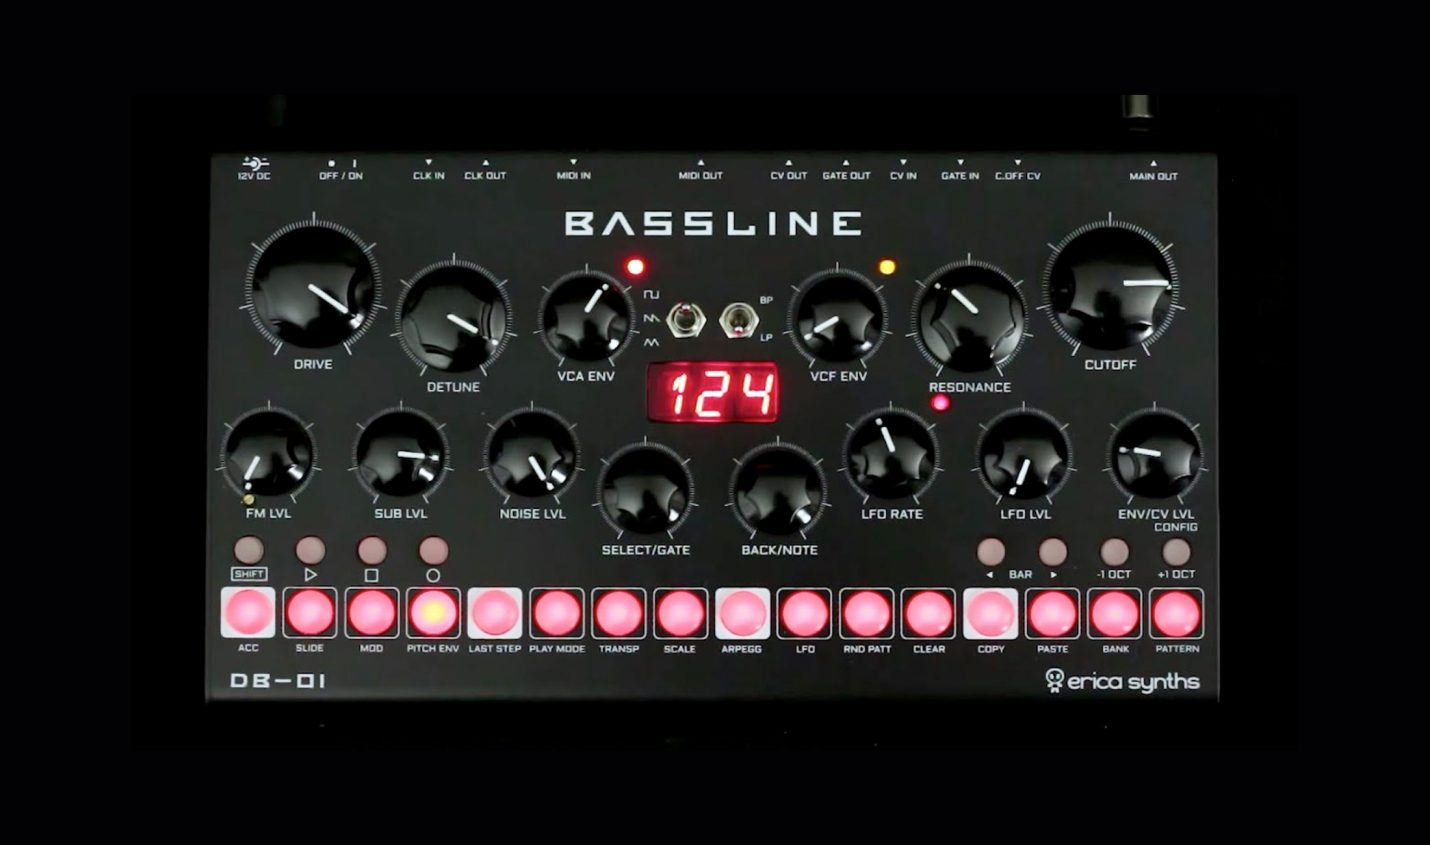 Erica Synths Bassline DB-01 – Die etwas andere 303 - DJ LAB